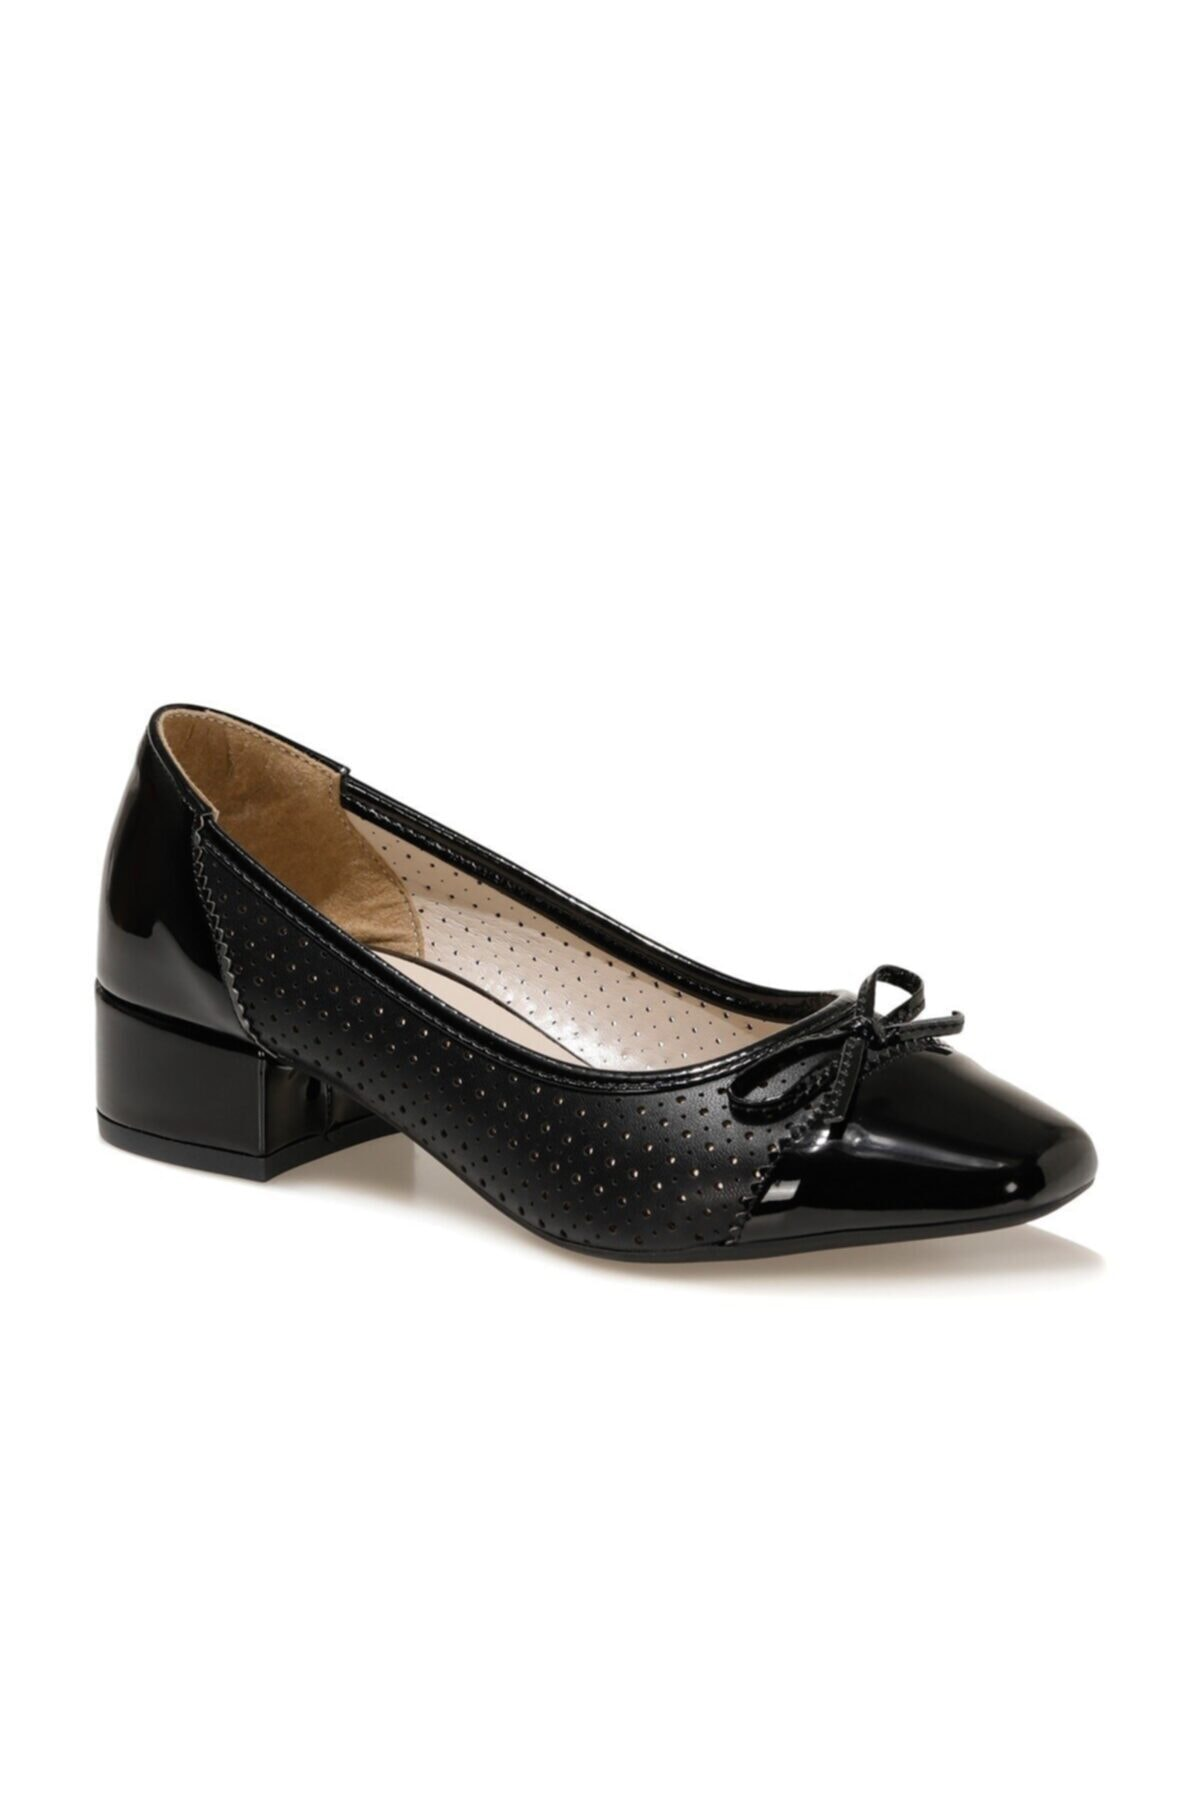 317104.Z 1FX Siyah Kadın Gova Ayakkabı 101012577